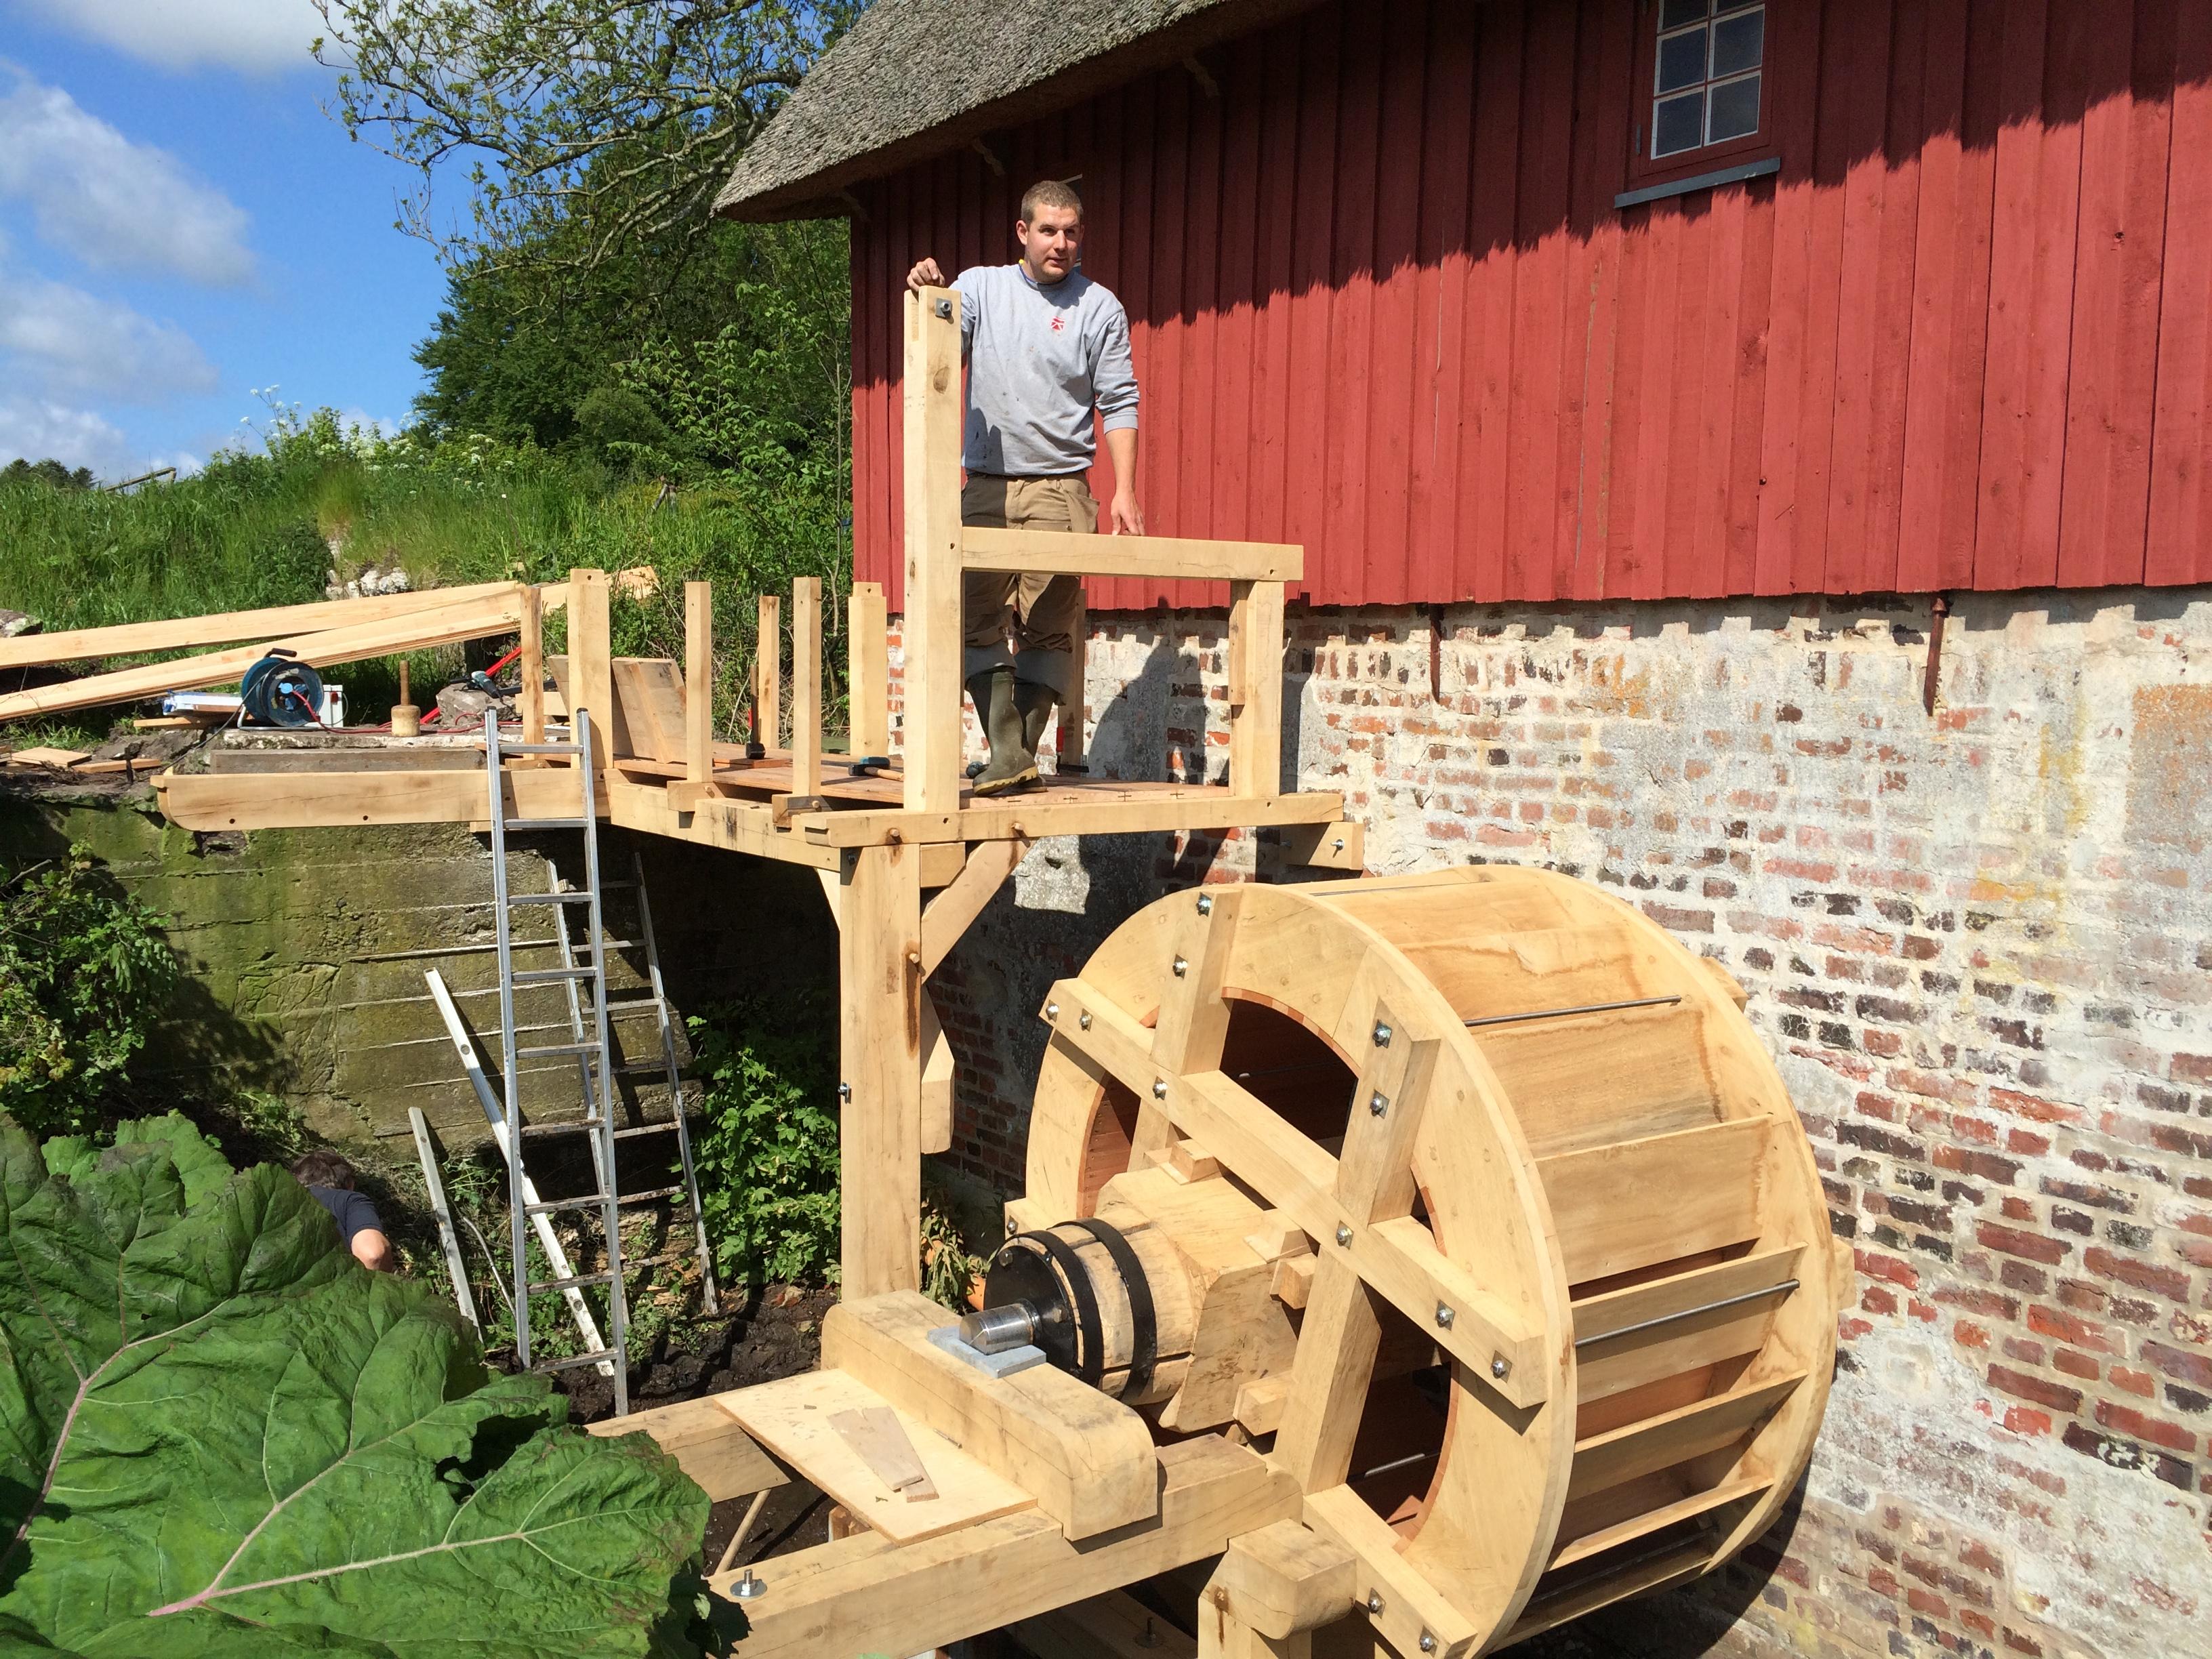 Projektering Klostermølle vandhjul